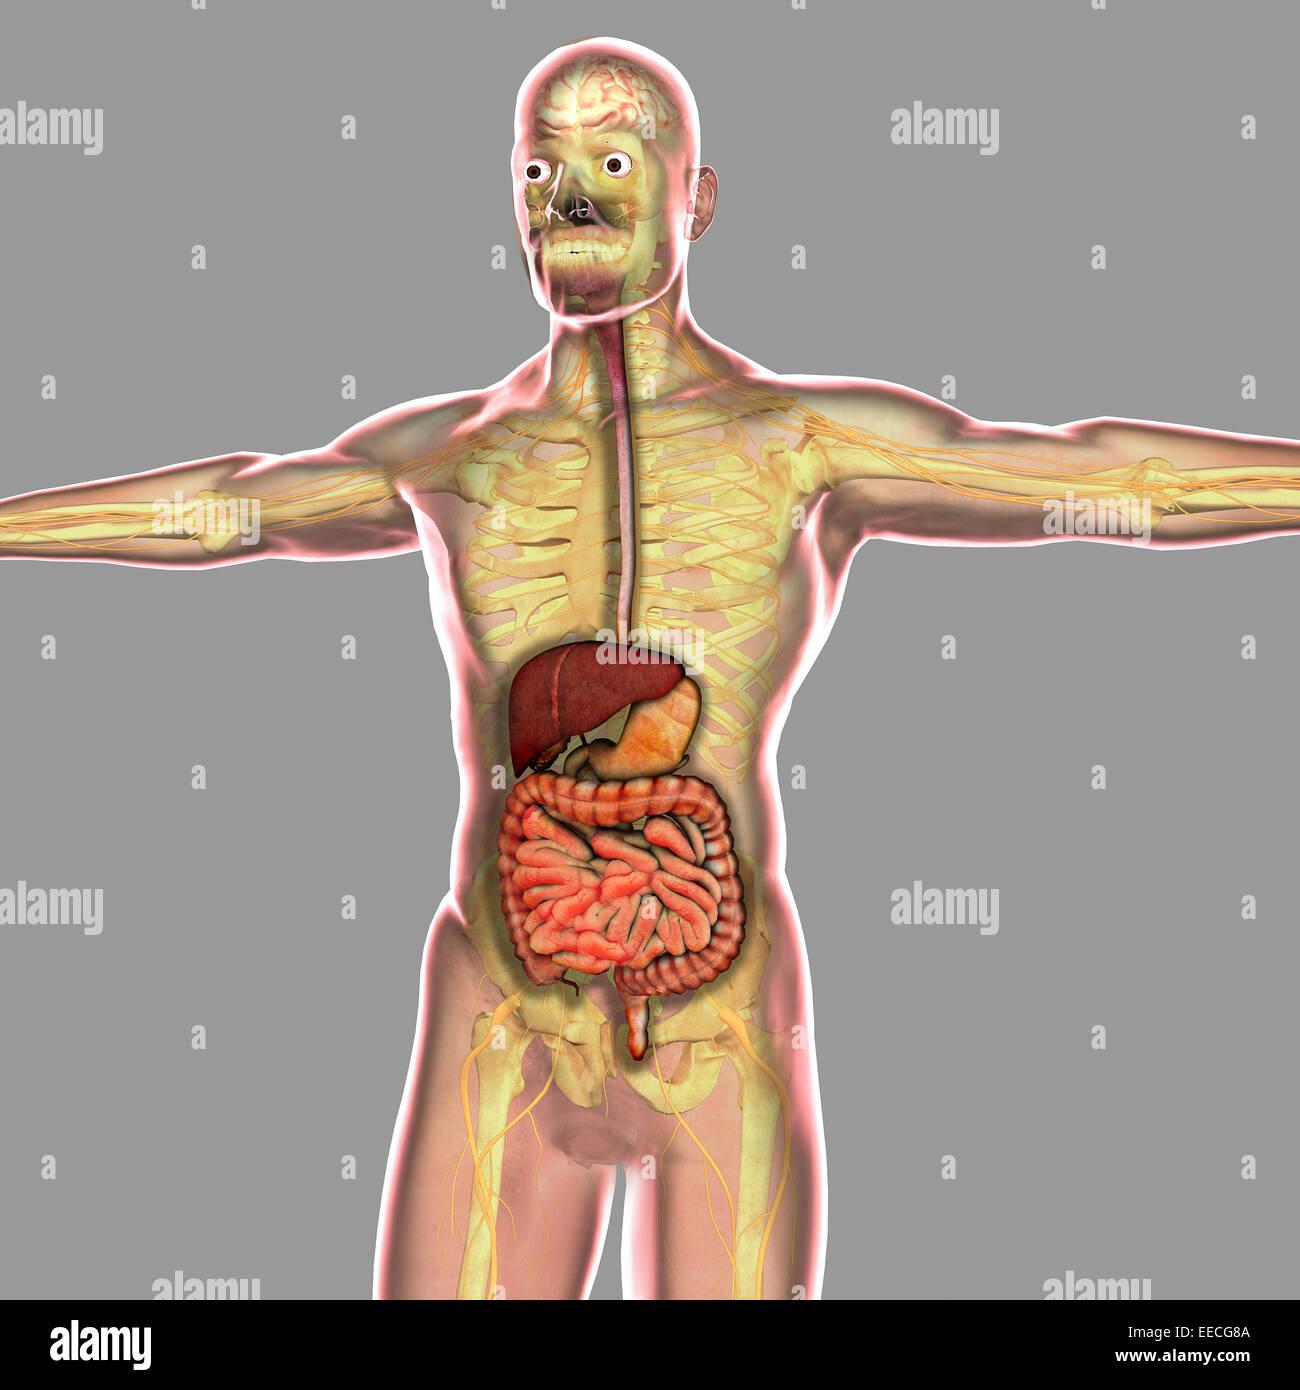 Berühmt Menschliche Anatomie Verdauungssystem Diagramm ...